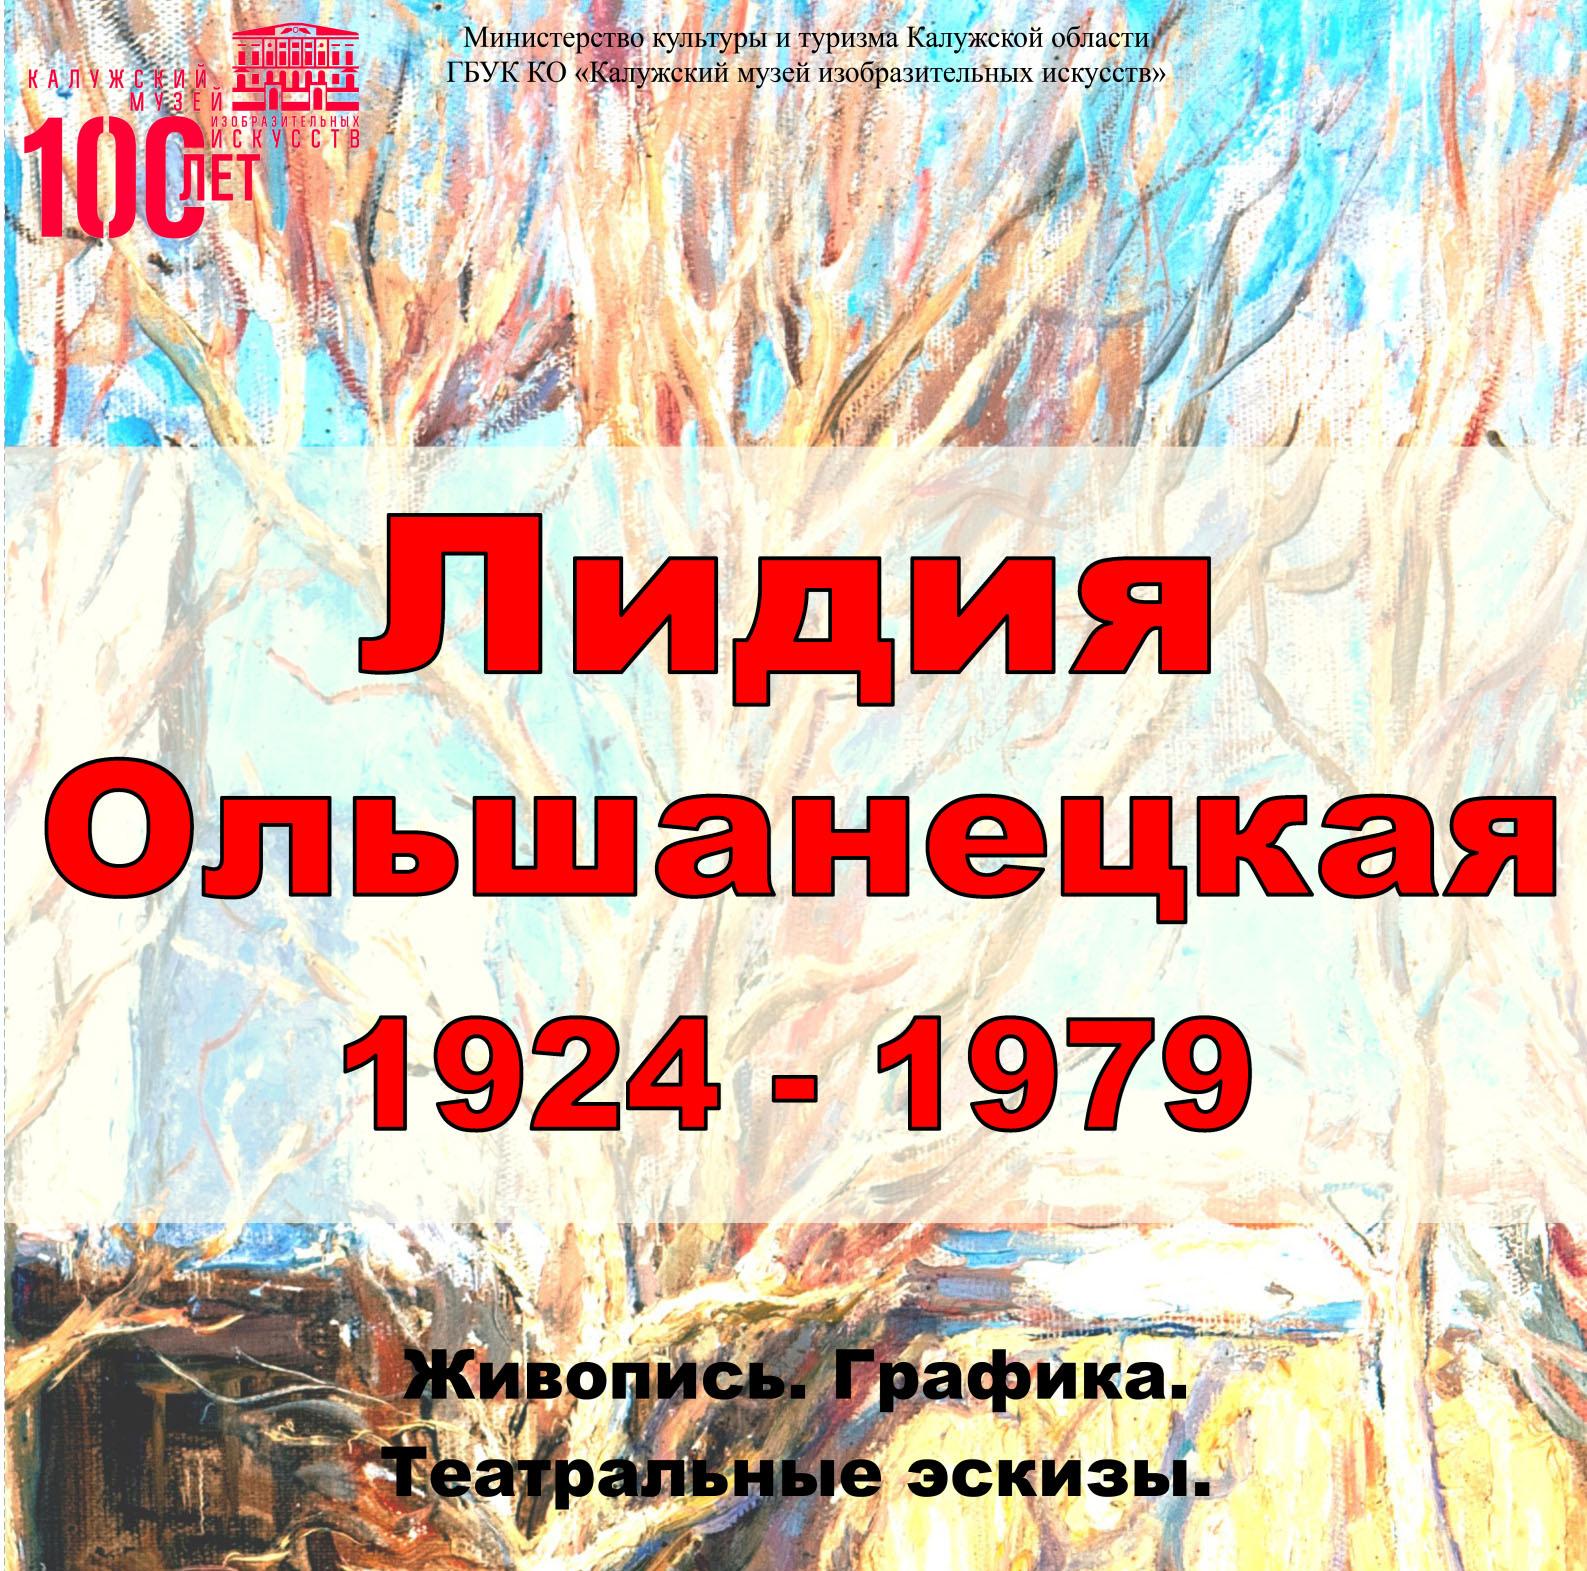 В Калуге открывается новая выставка